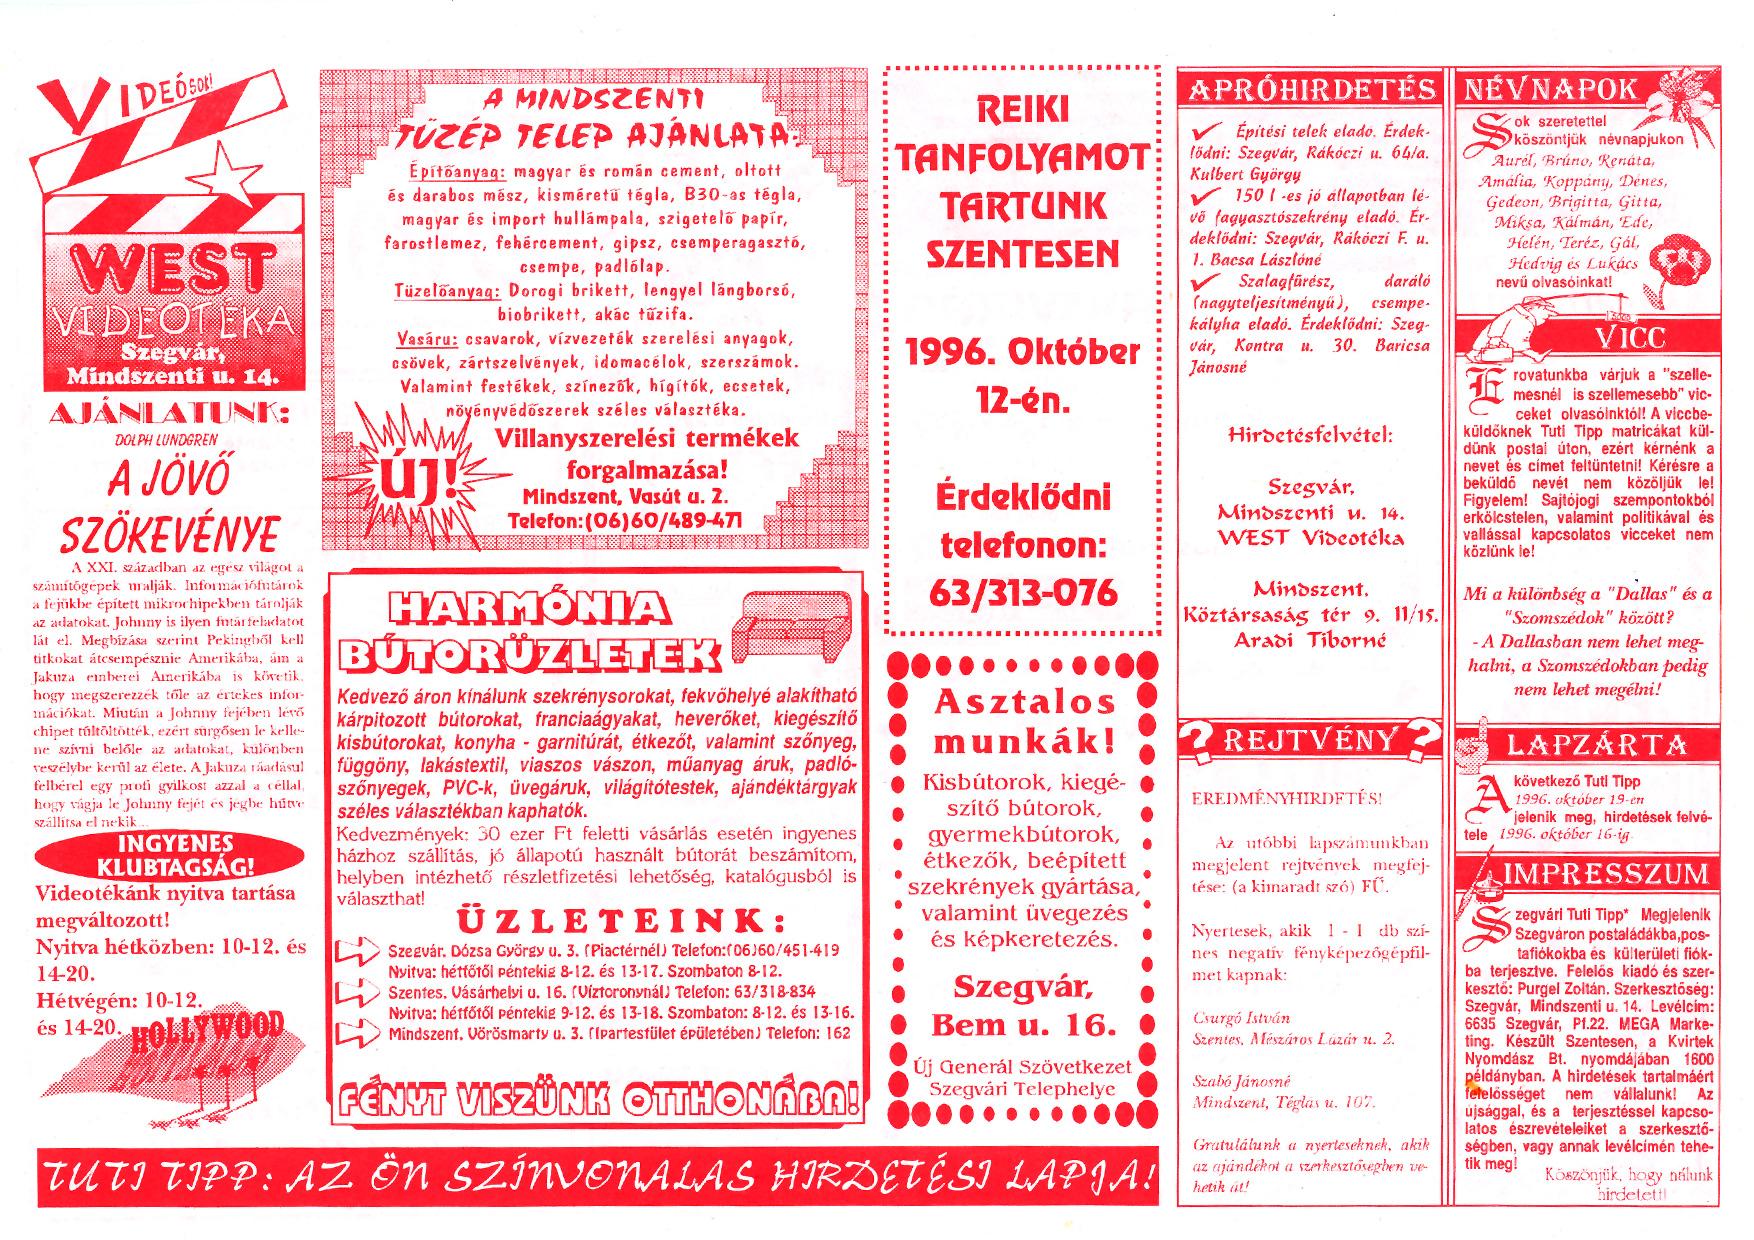 056 Szegvári Tuti Tipp reklámújság - 19961005-031. lapszám - 2.oldal - II. évfolyam.jpg